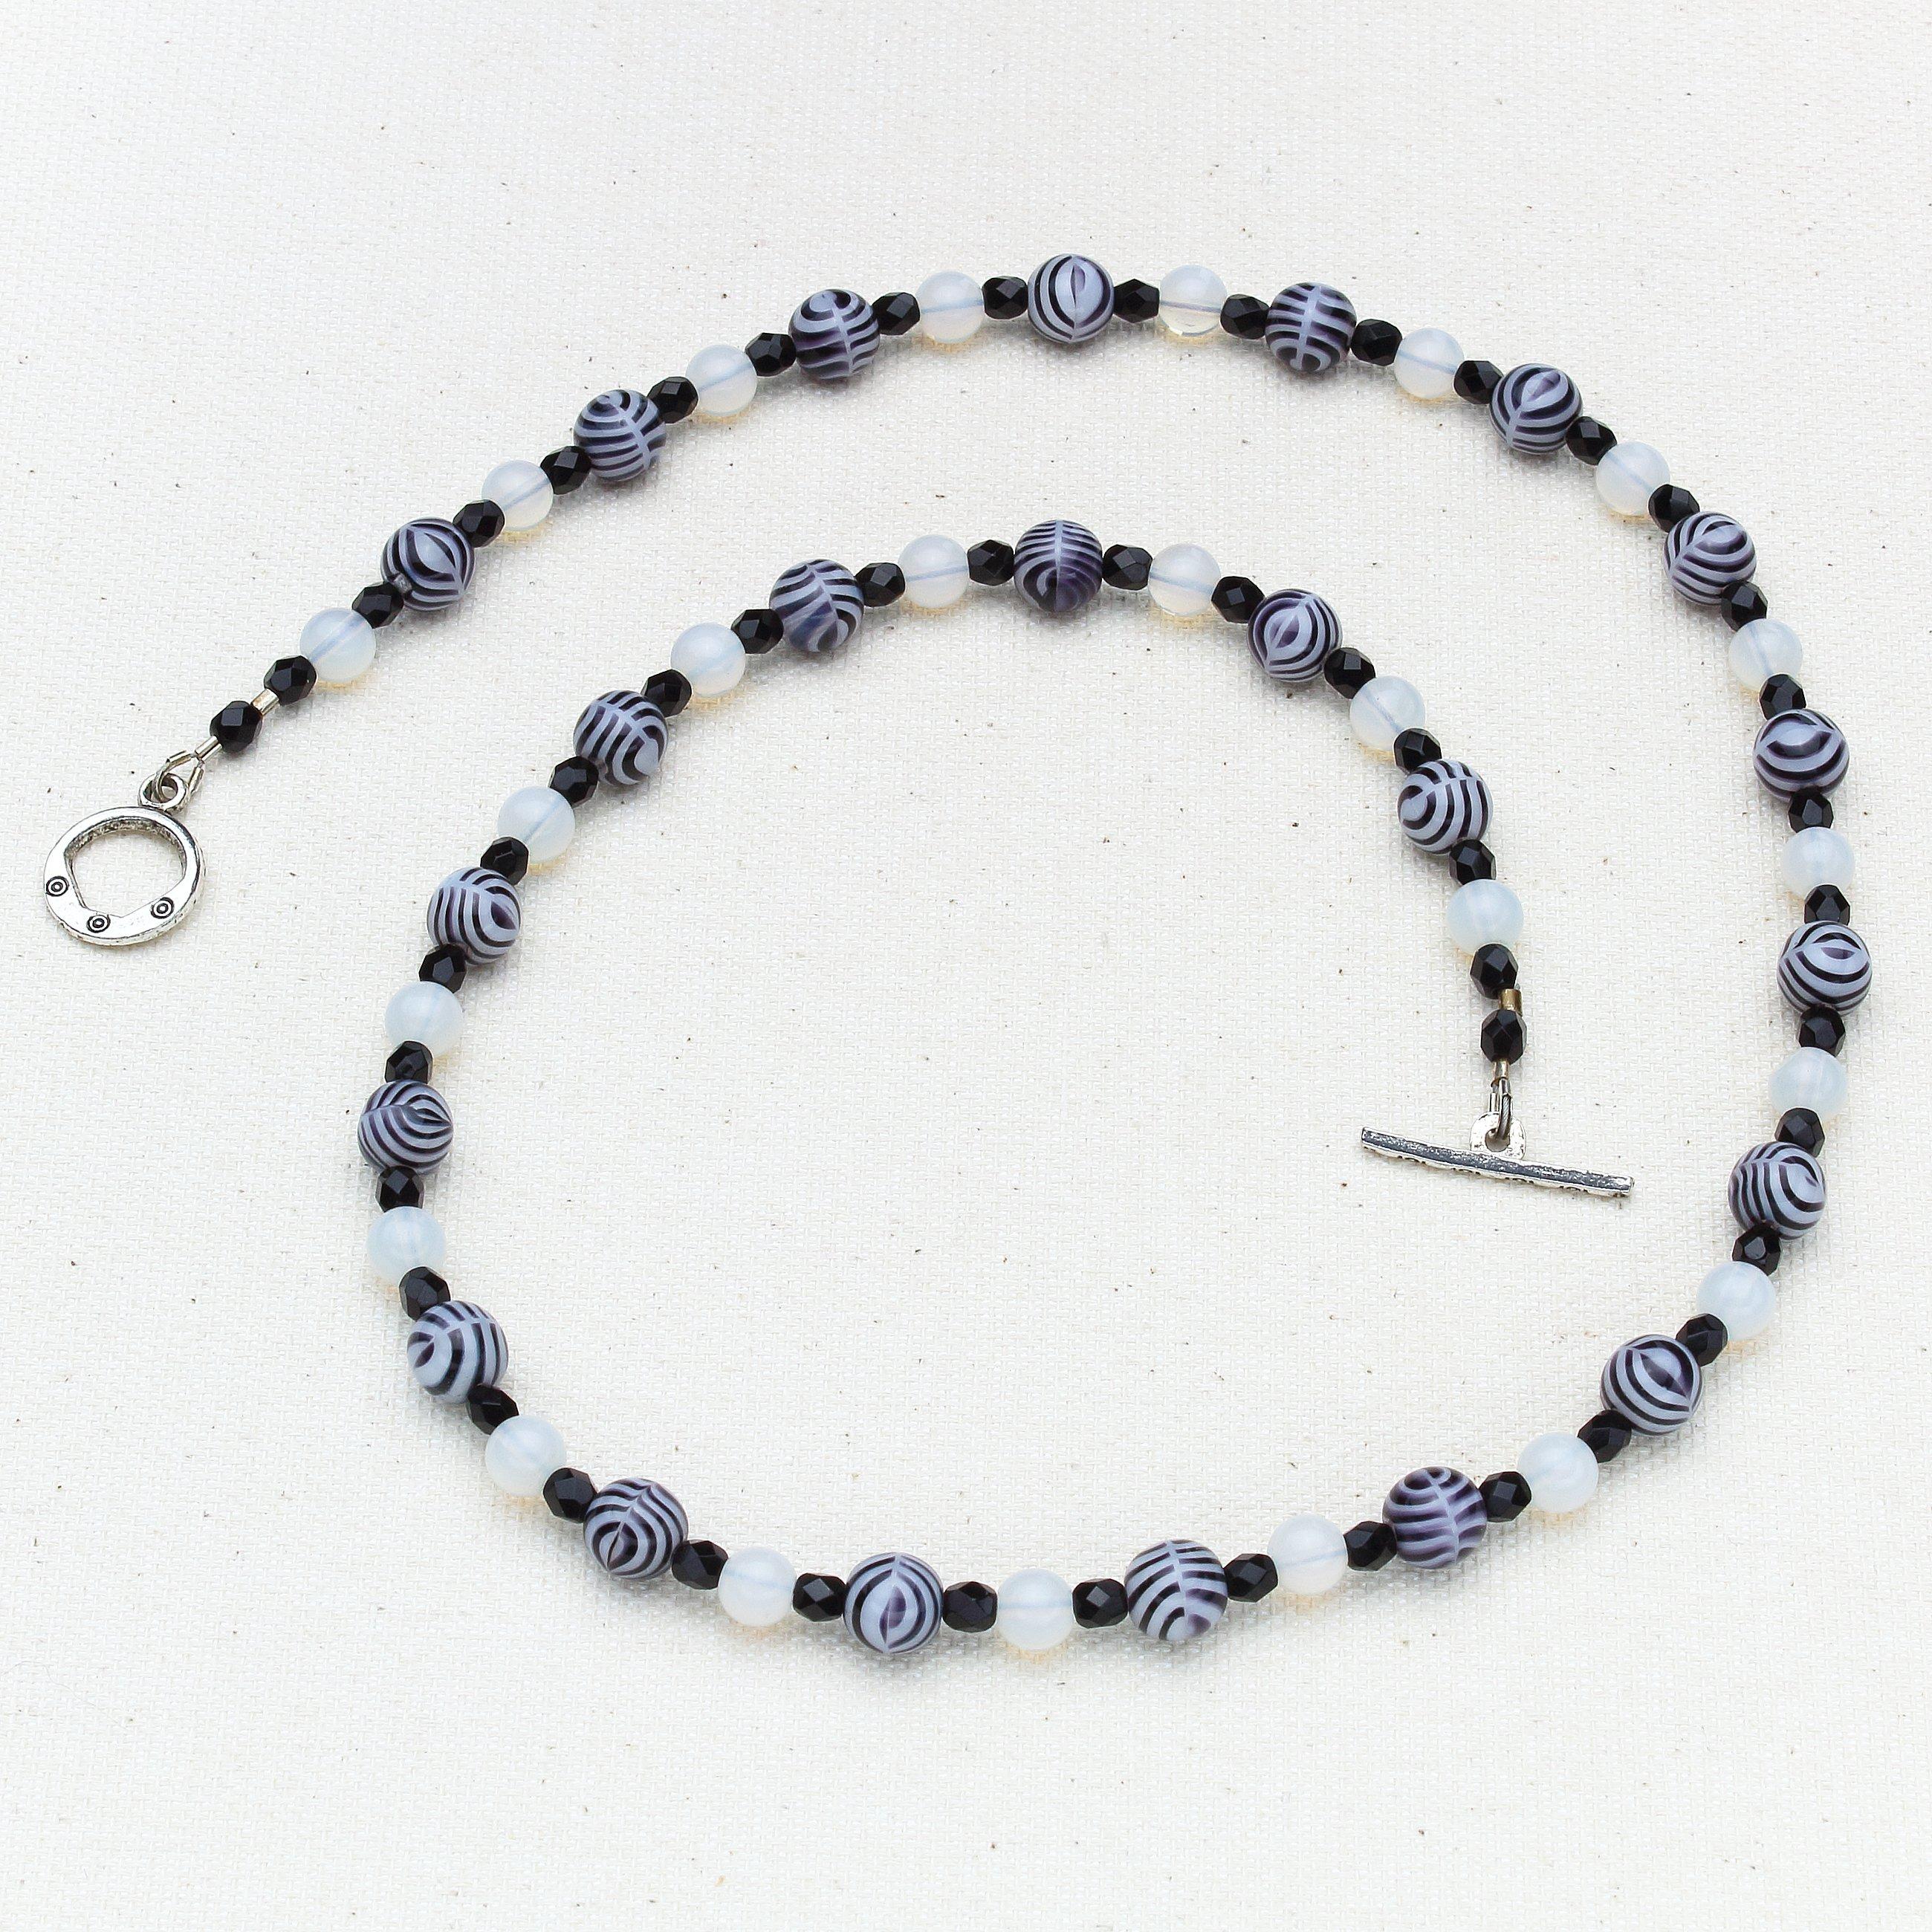 N462 - Damara Necklace